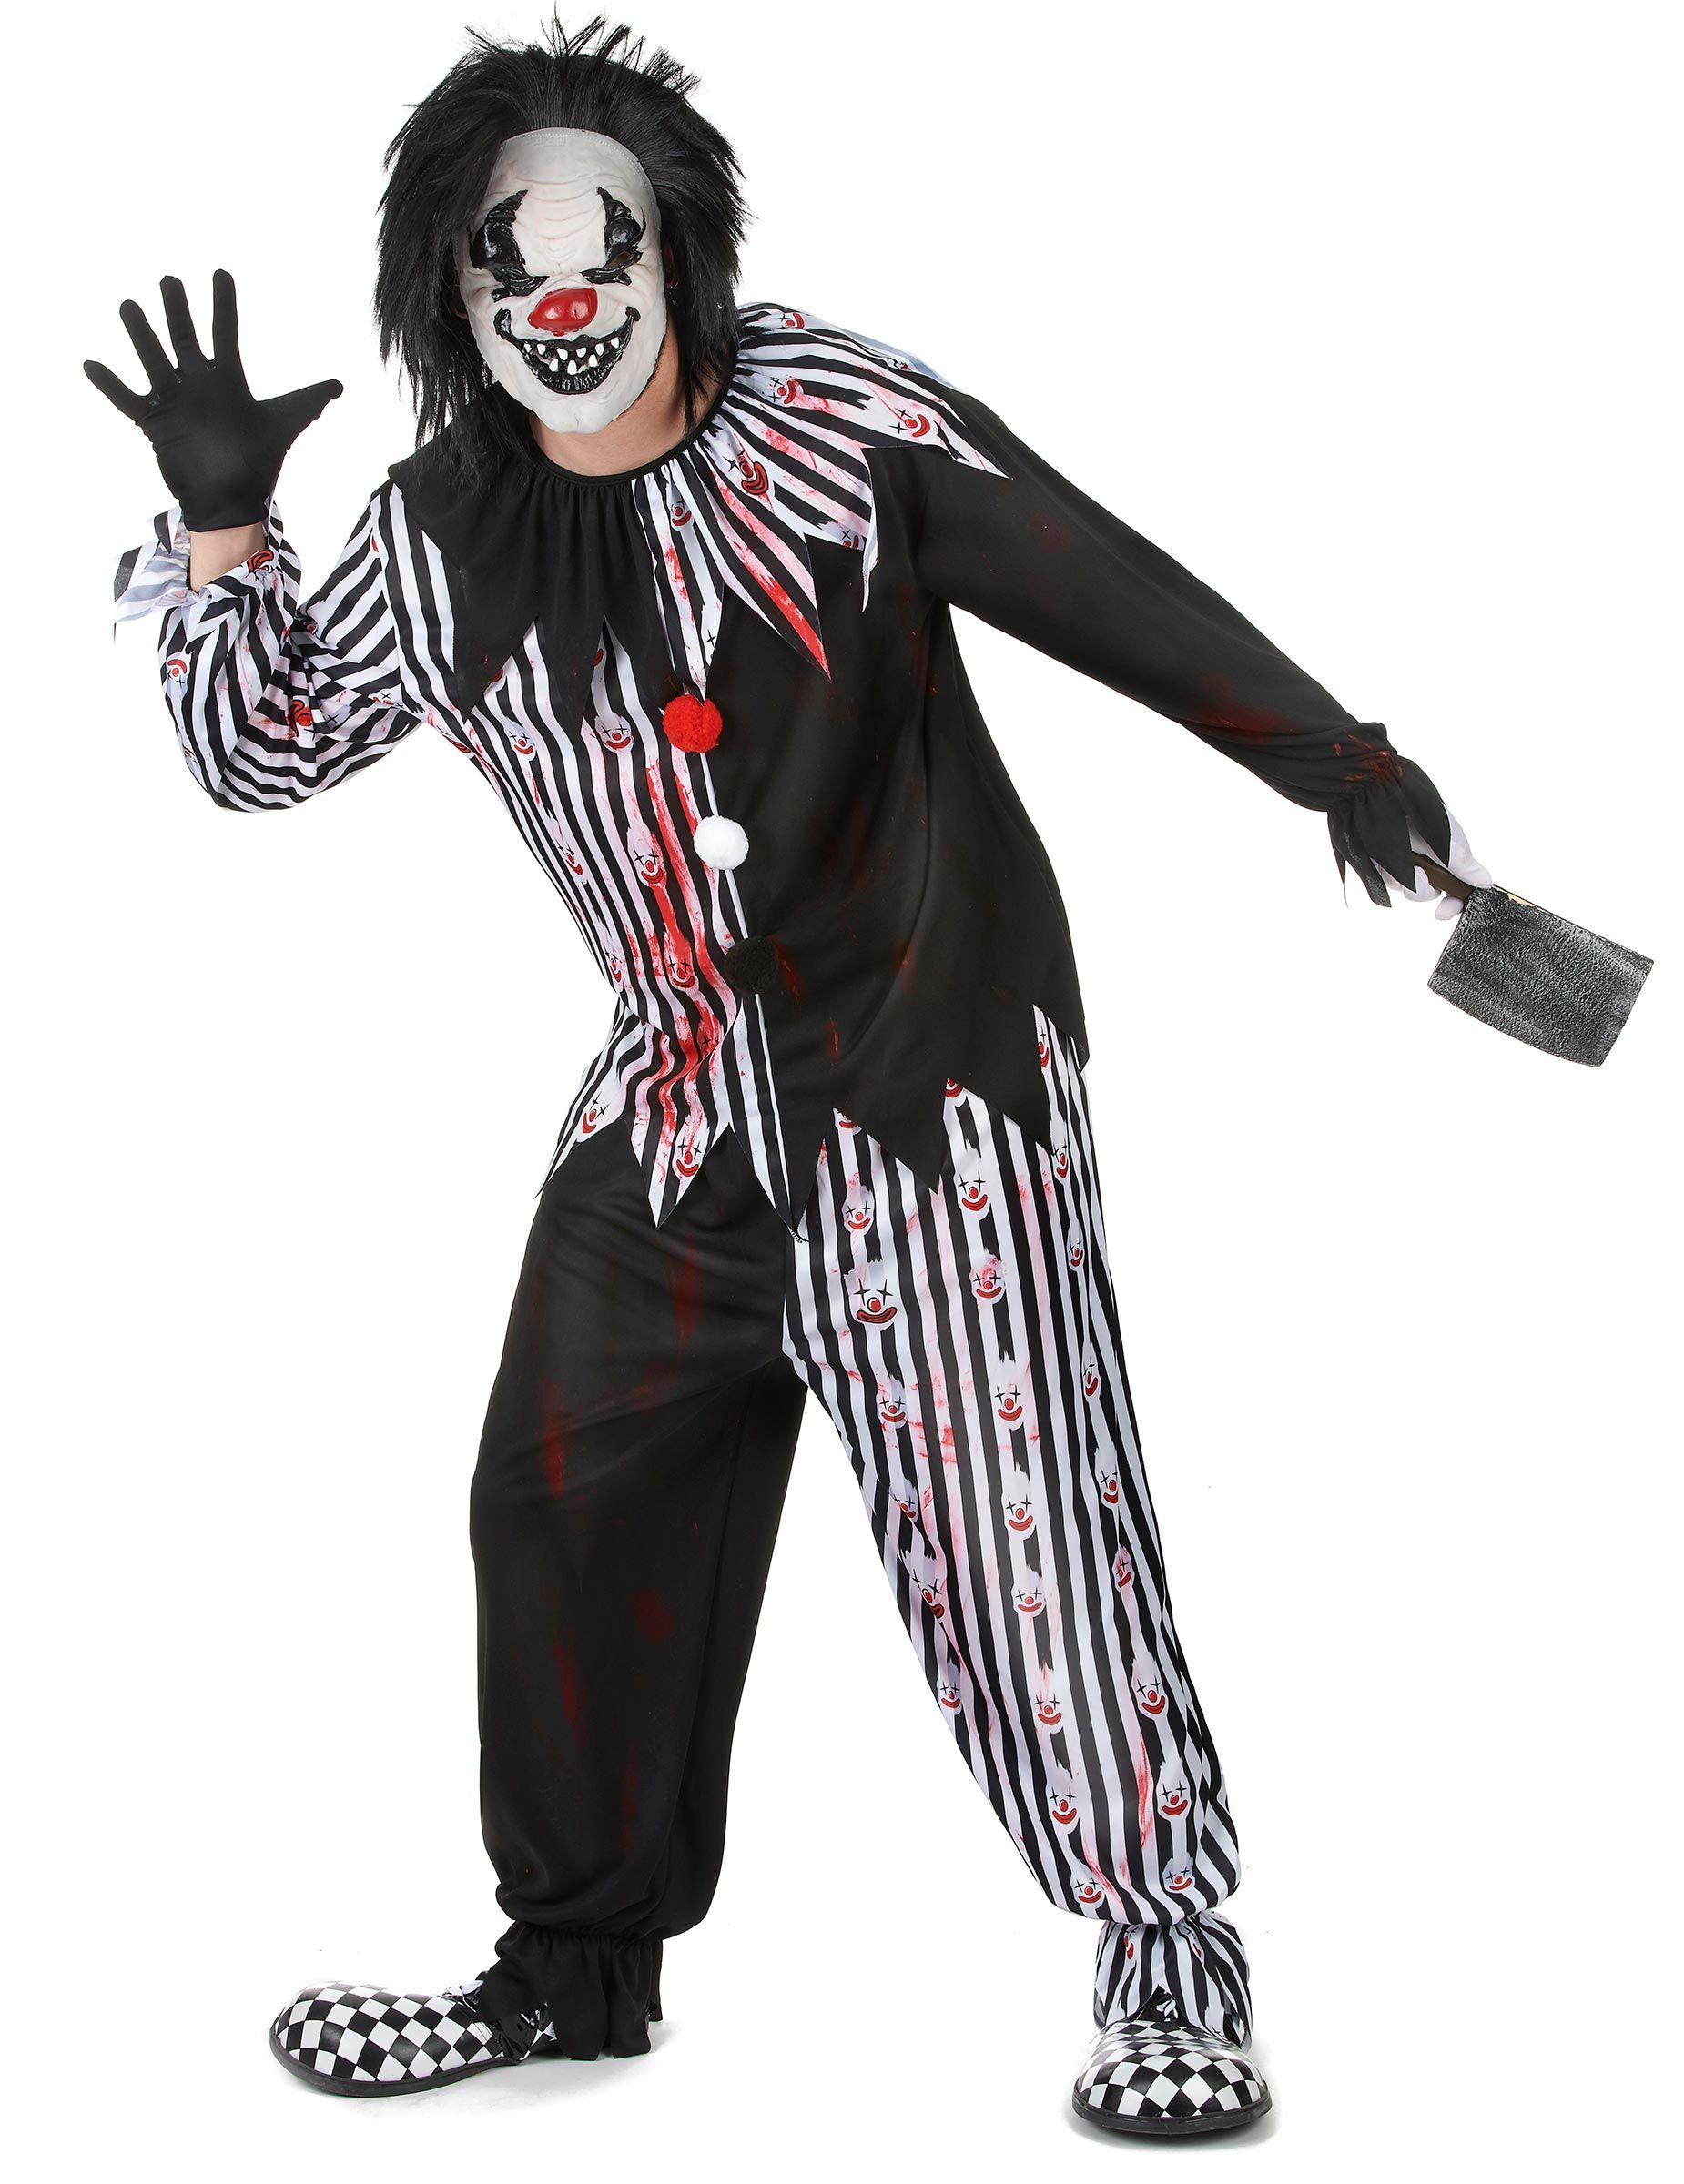 Déguisement Clown Psychopathe Homme Ce Déguisement De Clown Psychopathe Est Pour Homme Et Co Originelle Kostümideen Halloween Kostüm Schwarz Halloween Kostüm